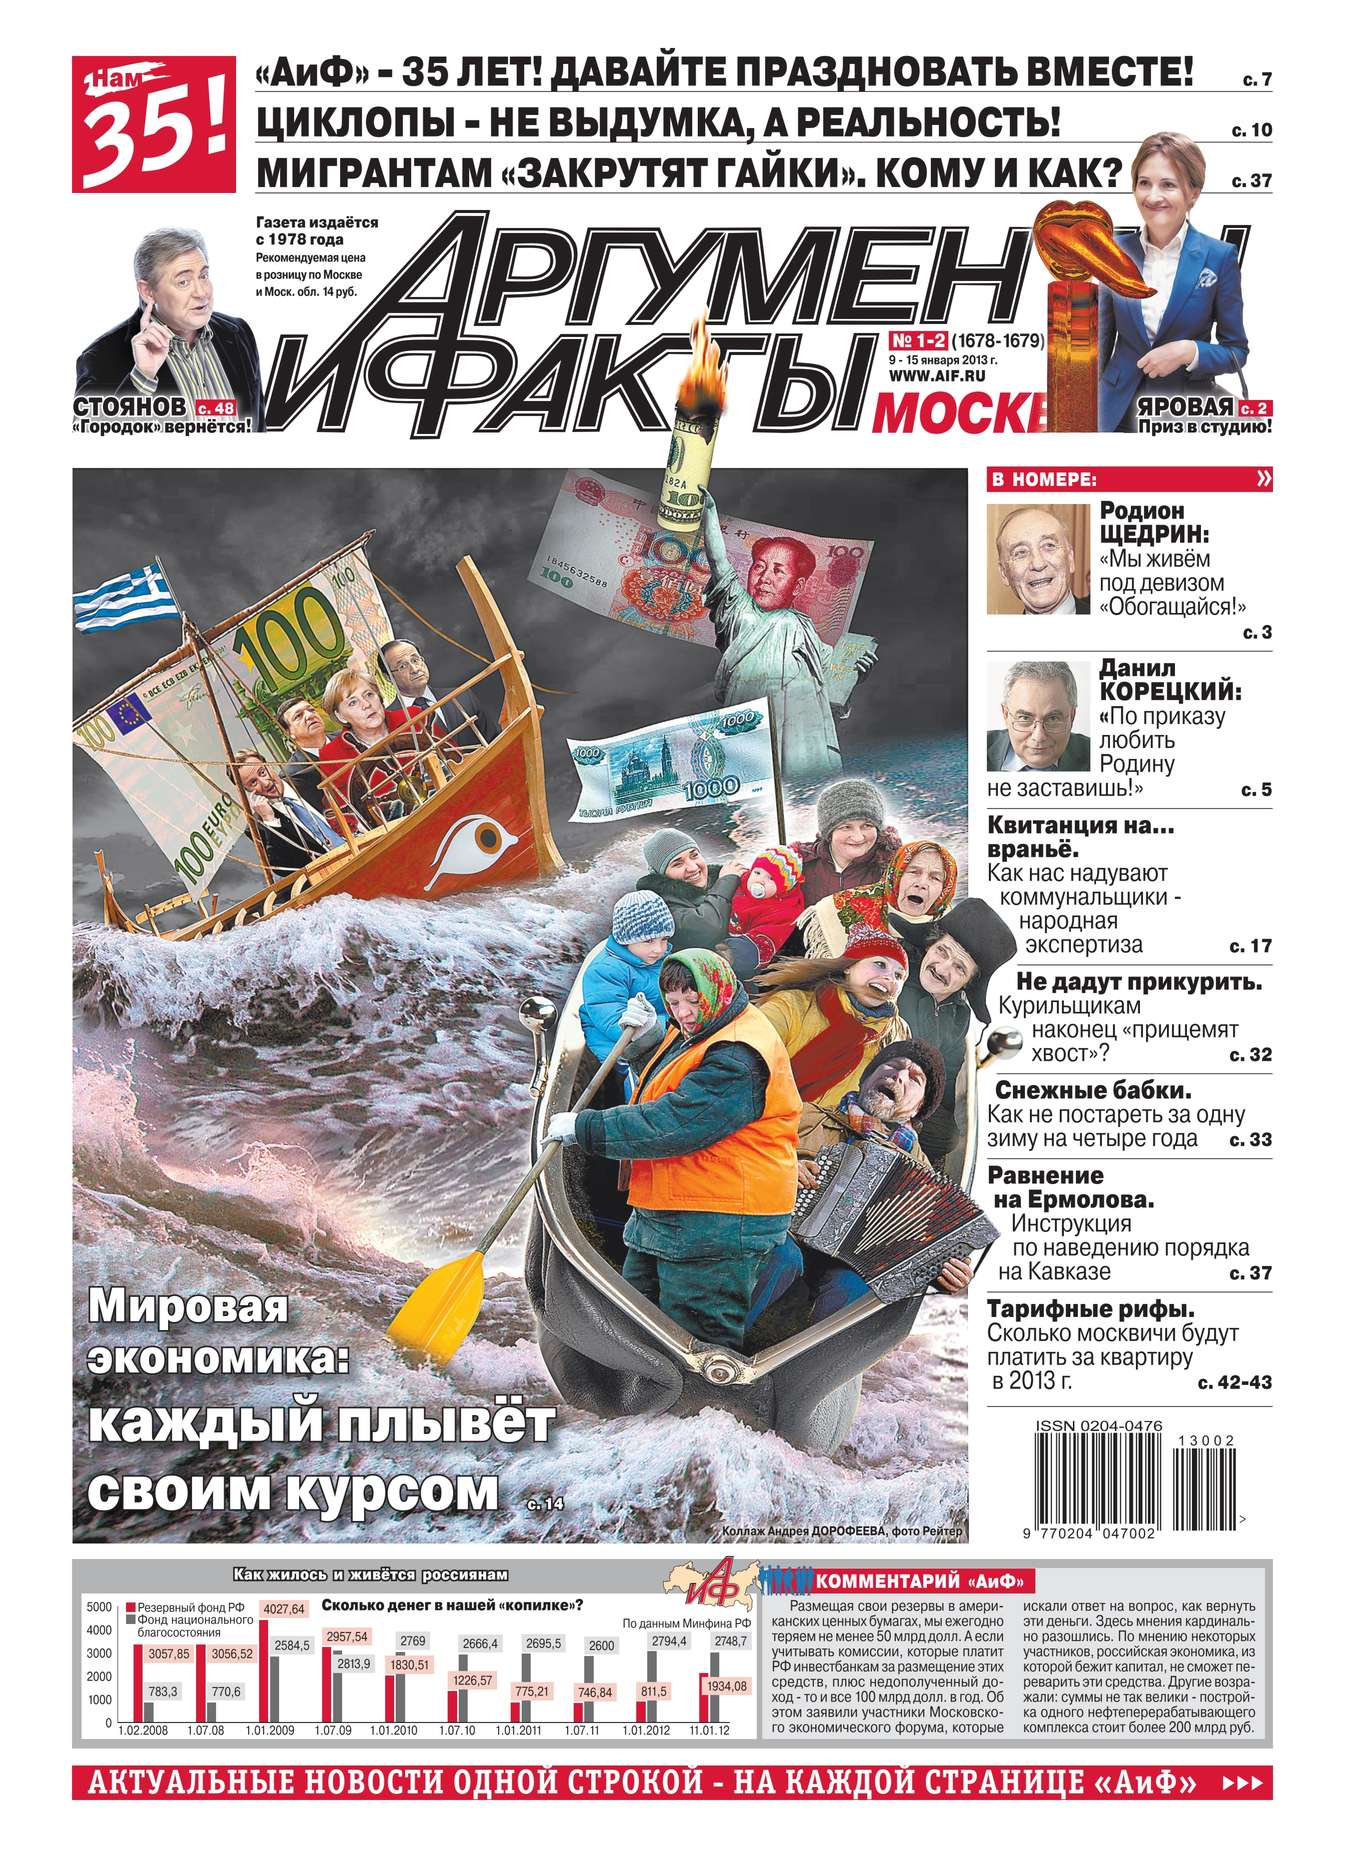 Редакция журнала Аиф. Про Кухню Аргументы и факты 01/02-2013